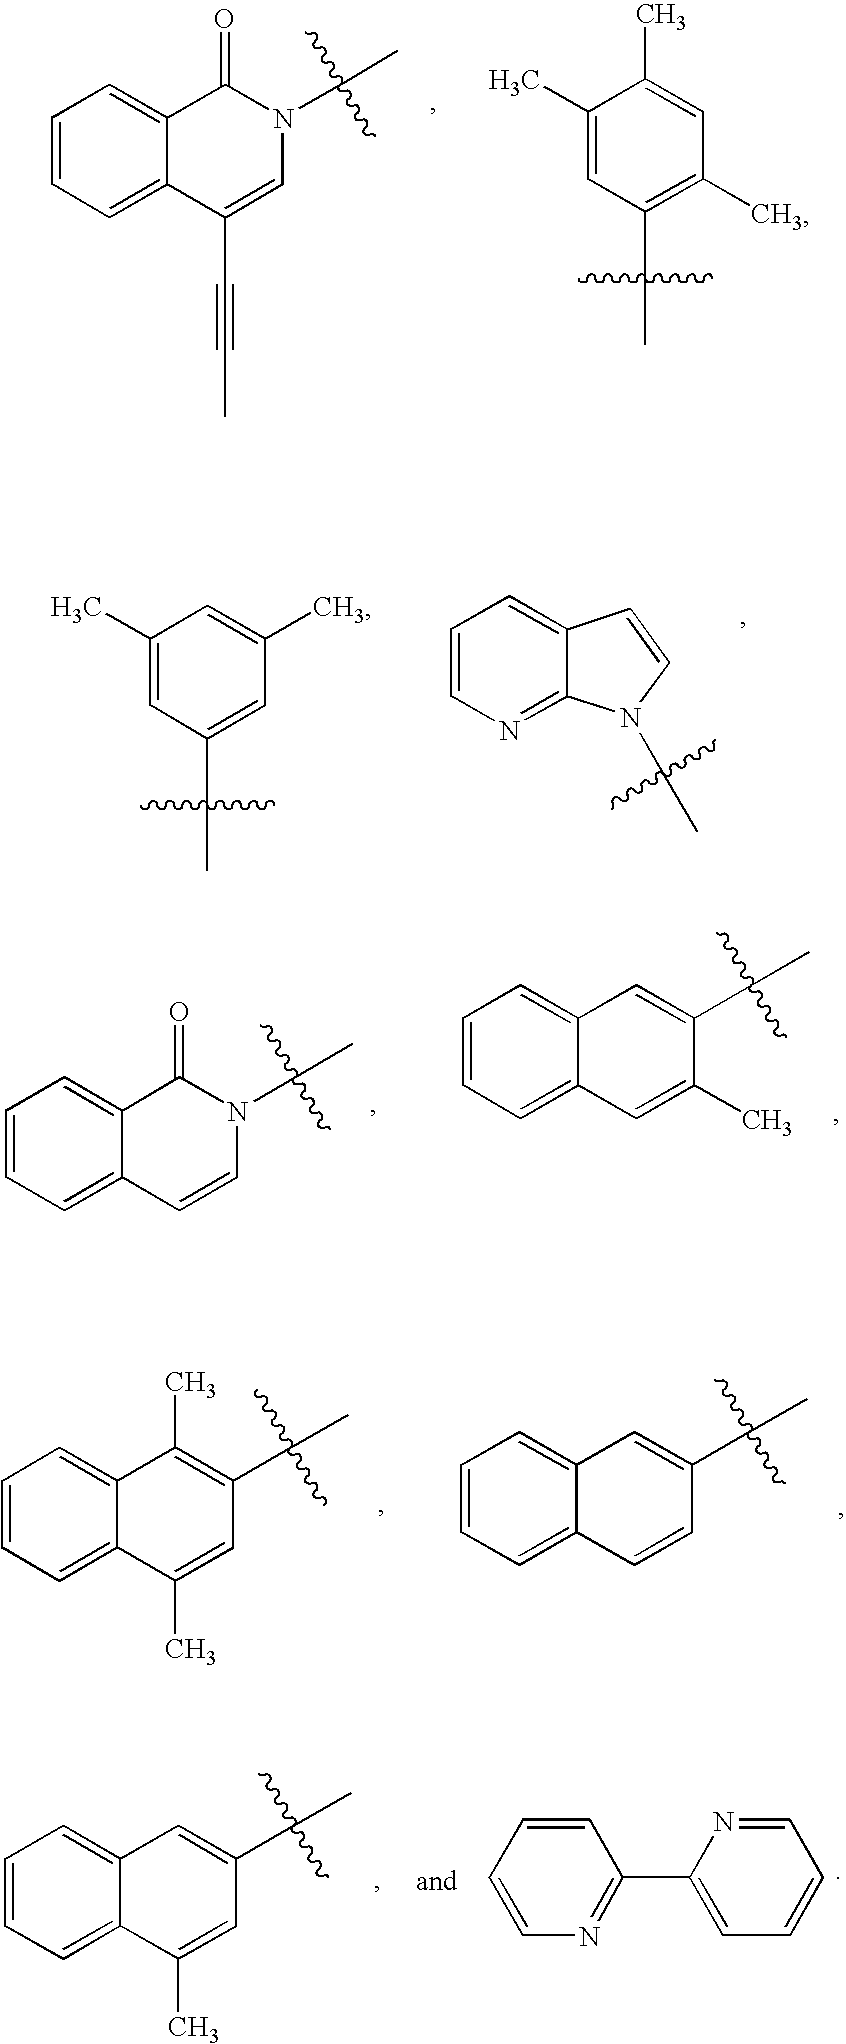 Figure US07723509-20100525-C00016